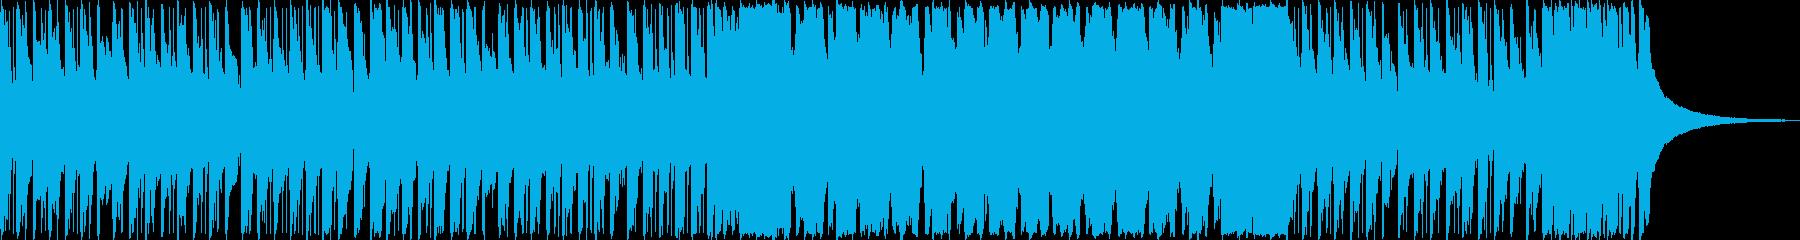 昭和家族の日常系のほほんの再生済みの波形